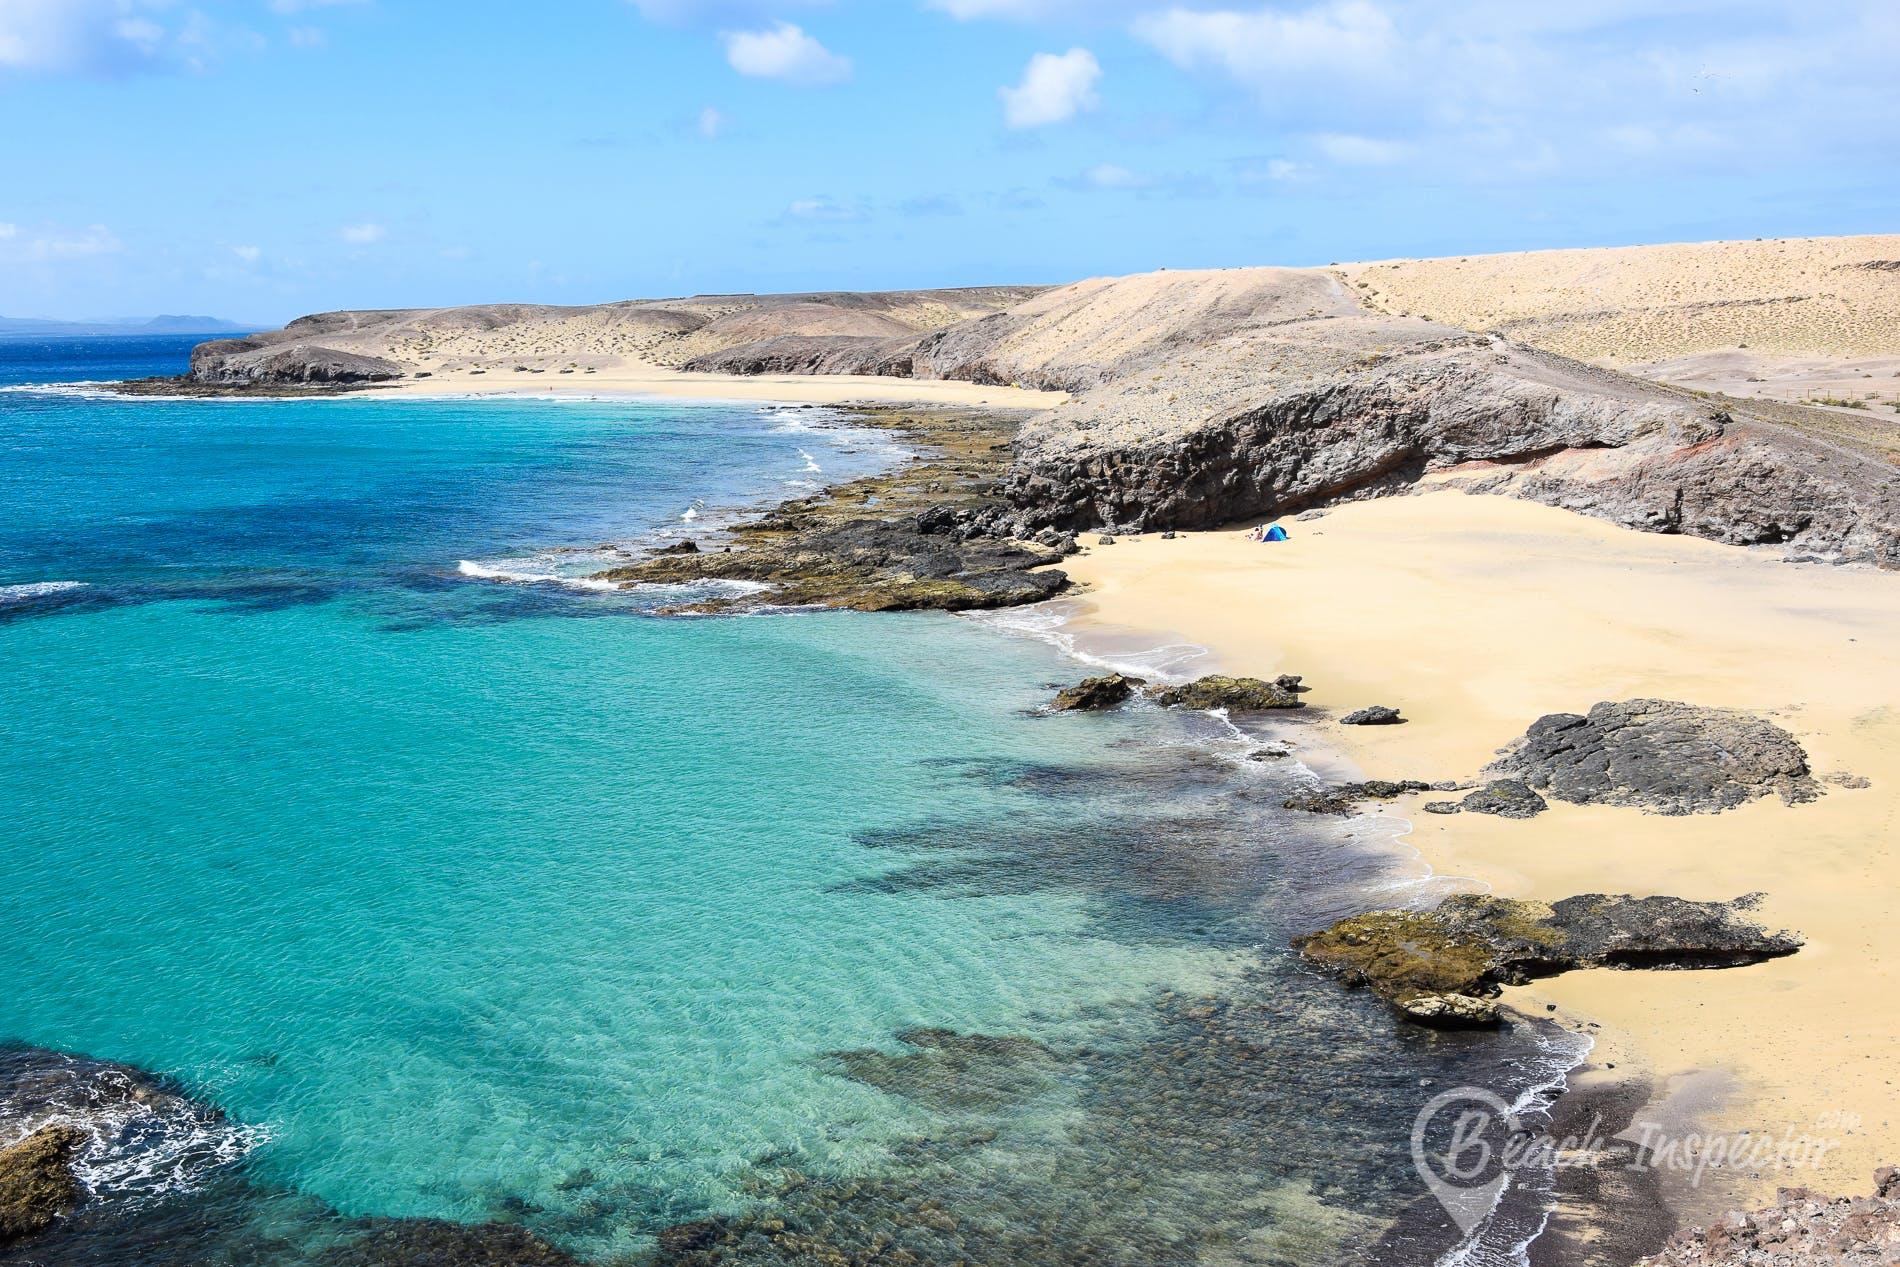 Beach Puerto Muelas, Lanzarote, Spain